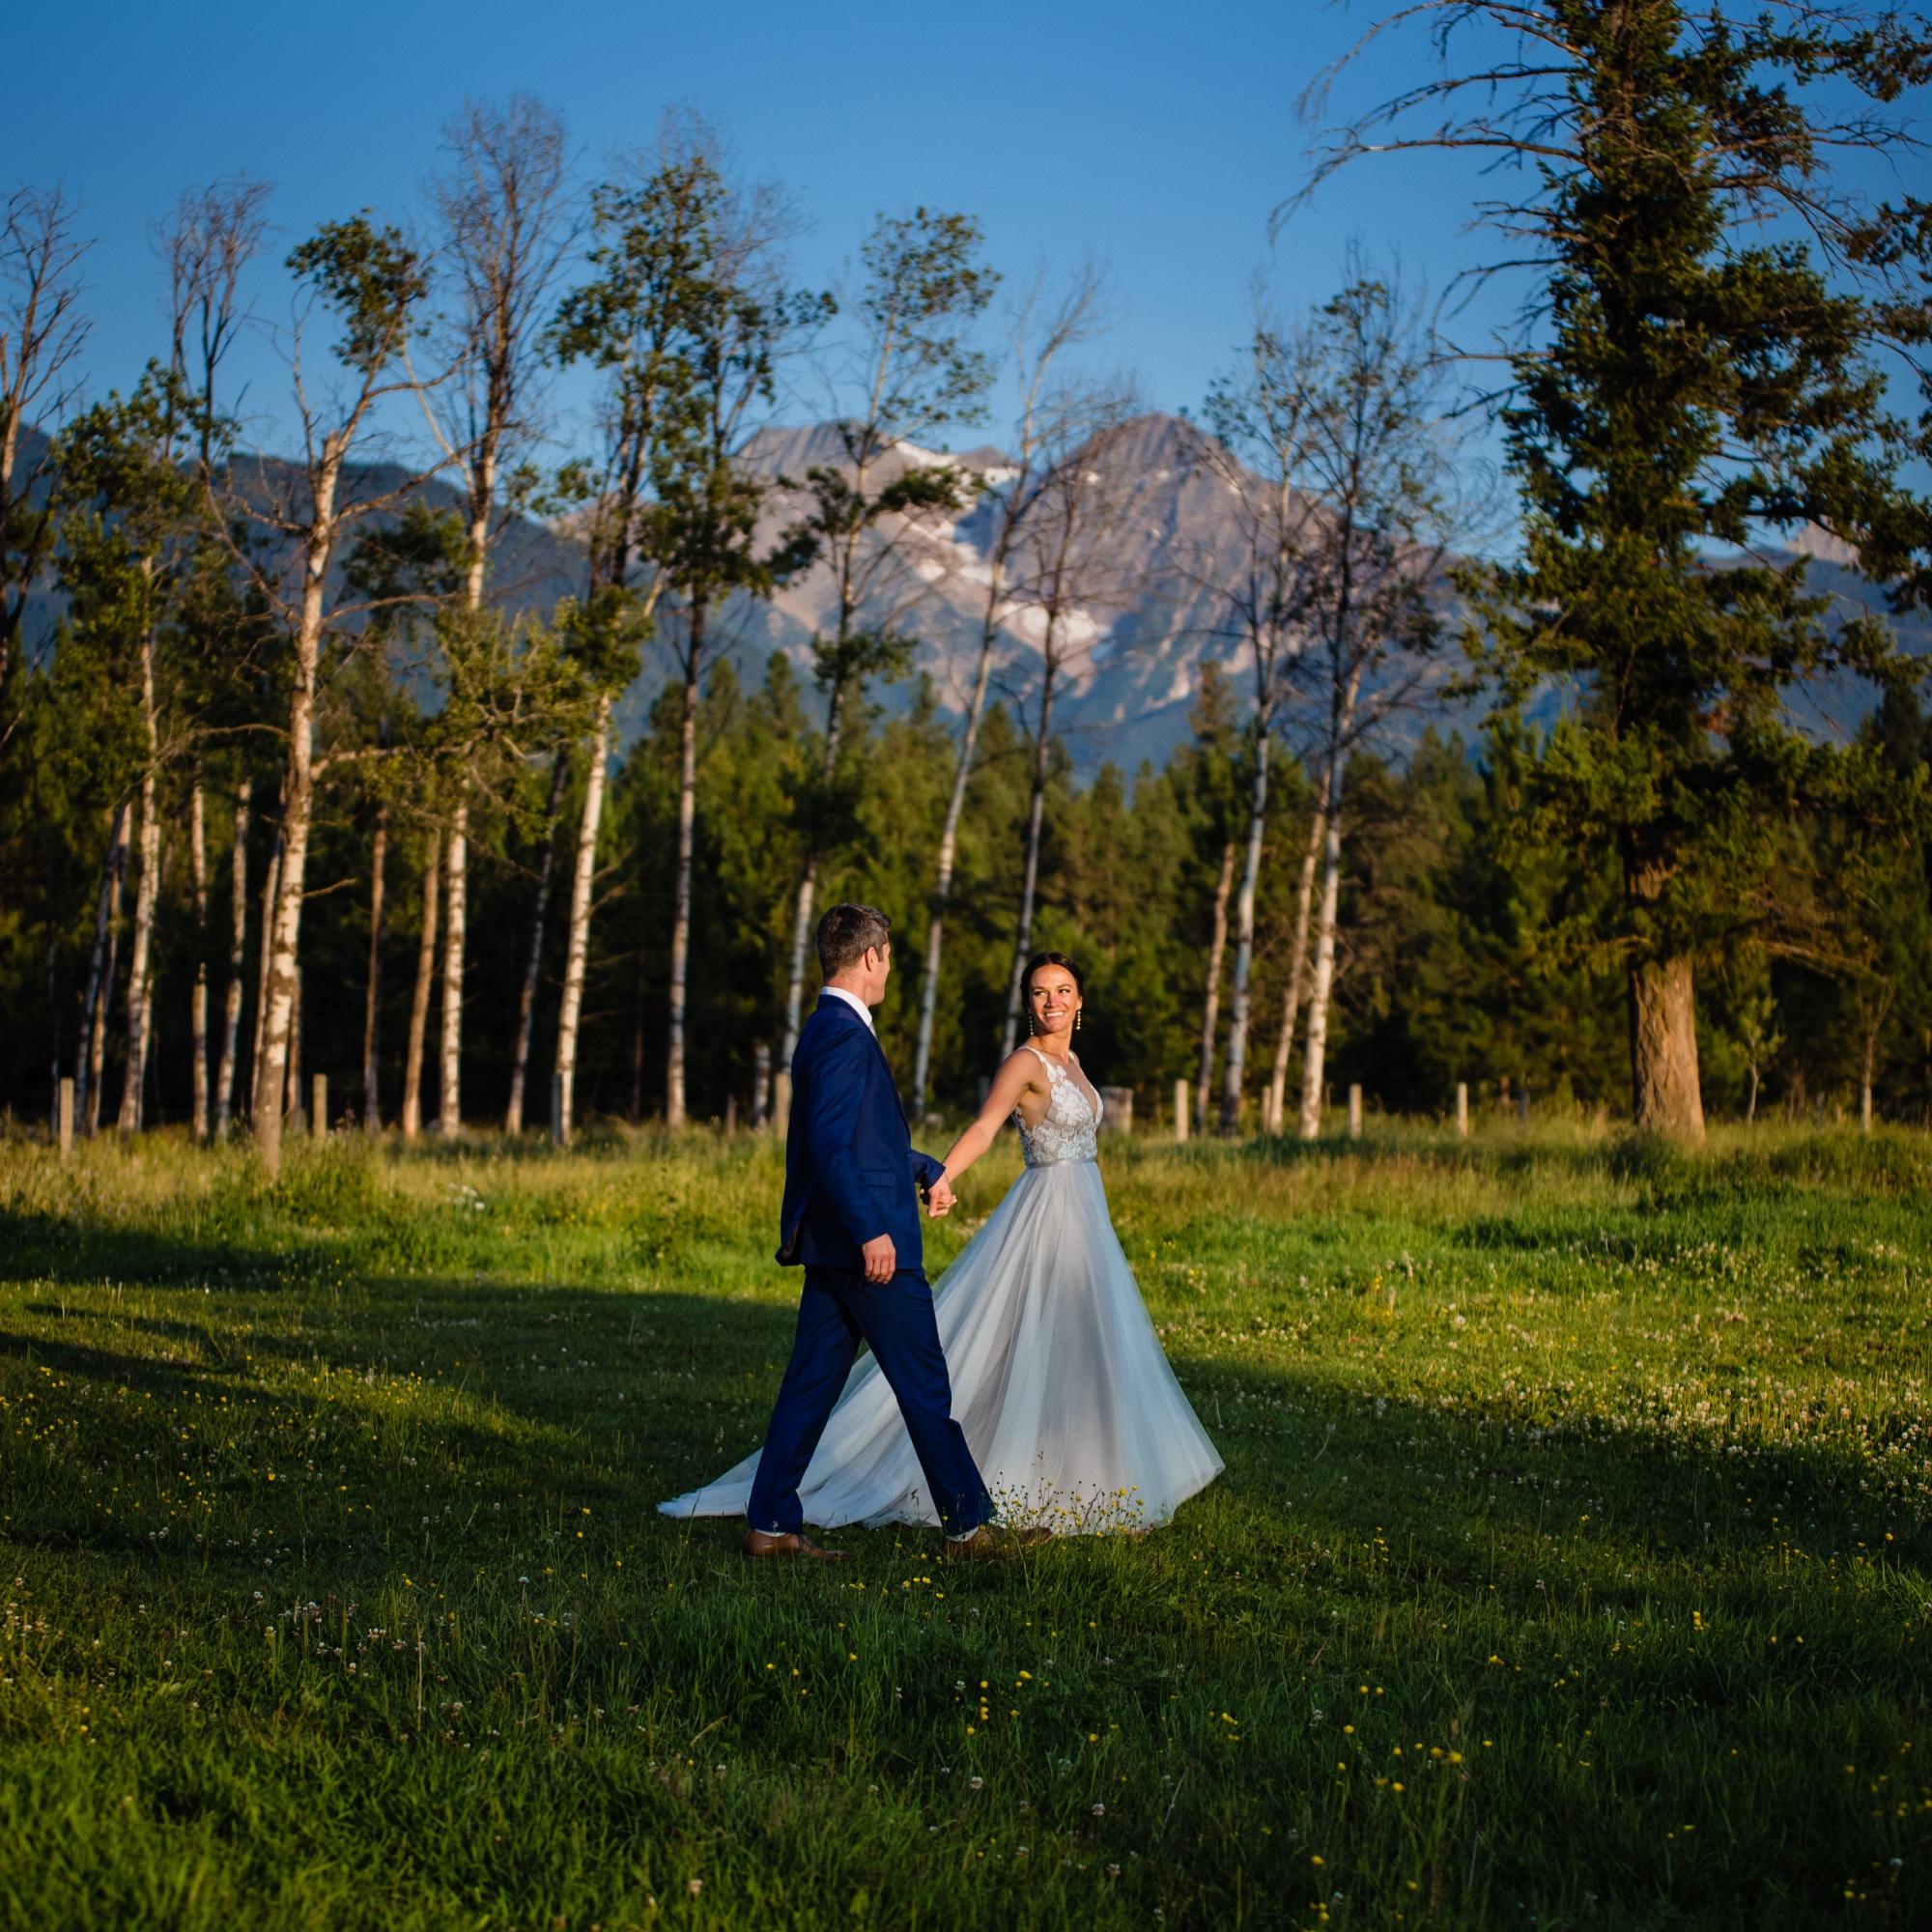 lindseyjane_weddings0124.jpg